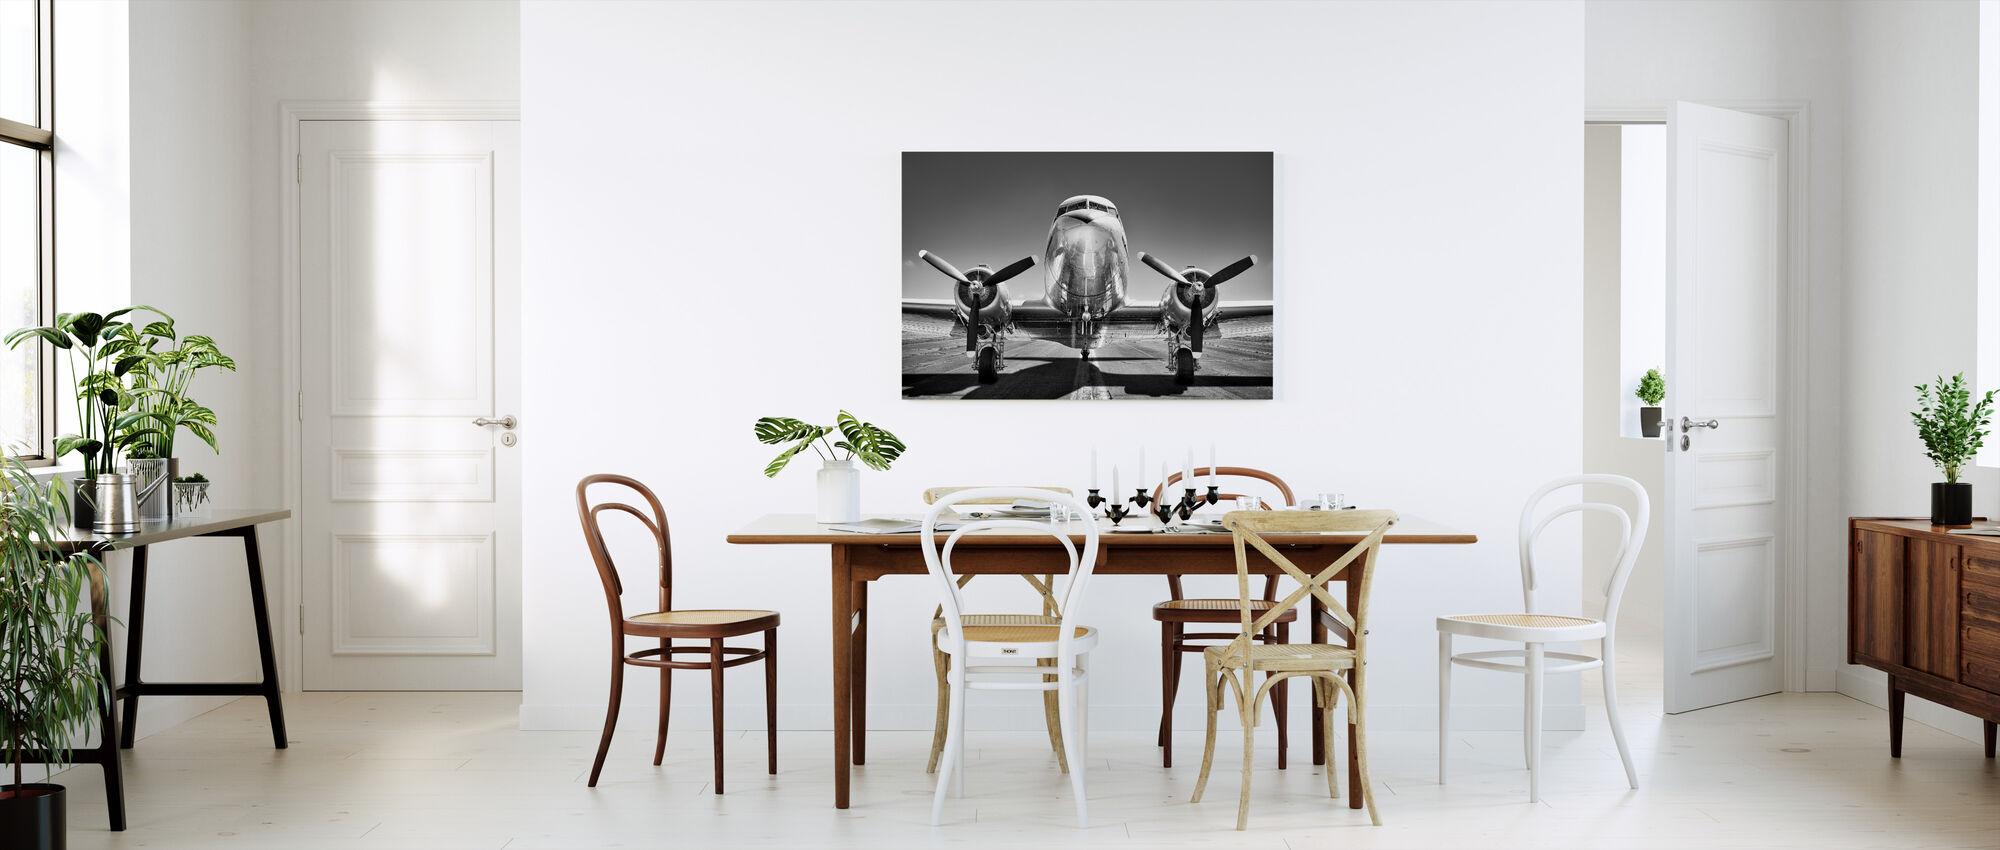 Vintage Lentokone kiitotiellä, musta ja valkoinen - Canvastaulu - Keittiö